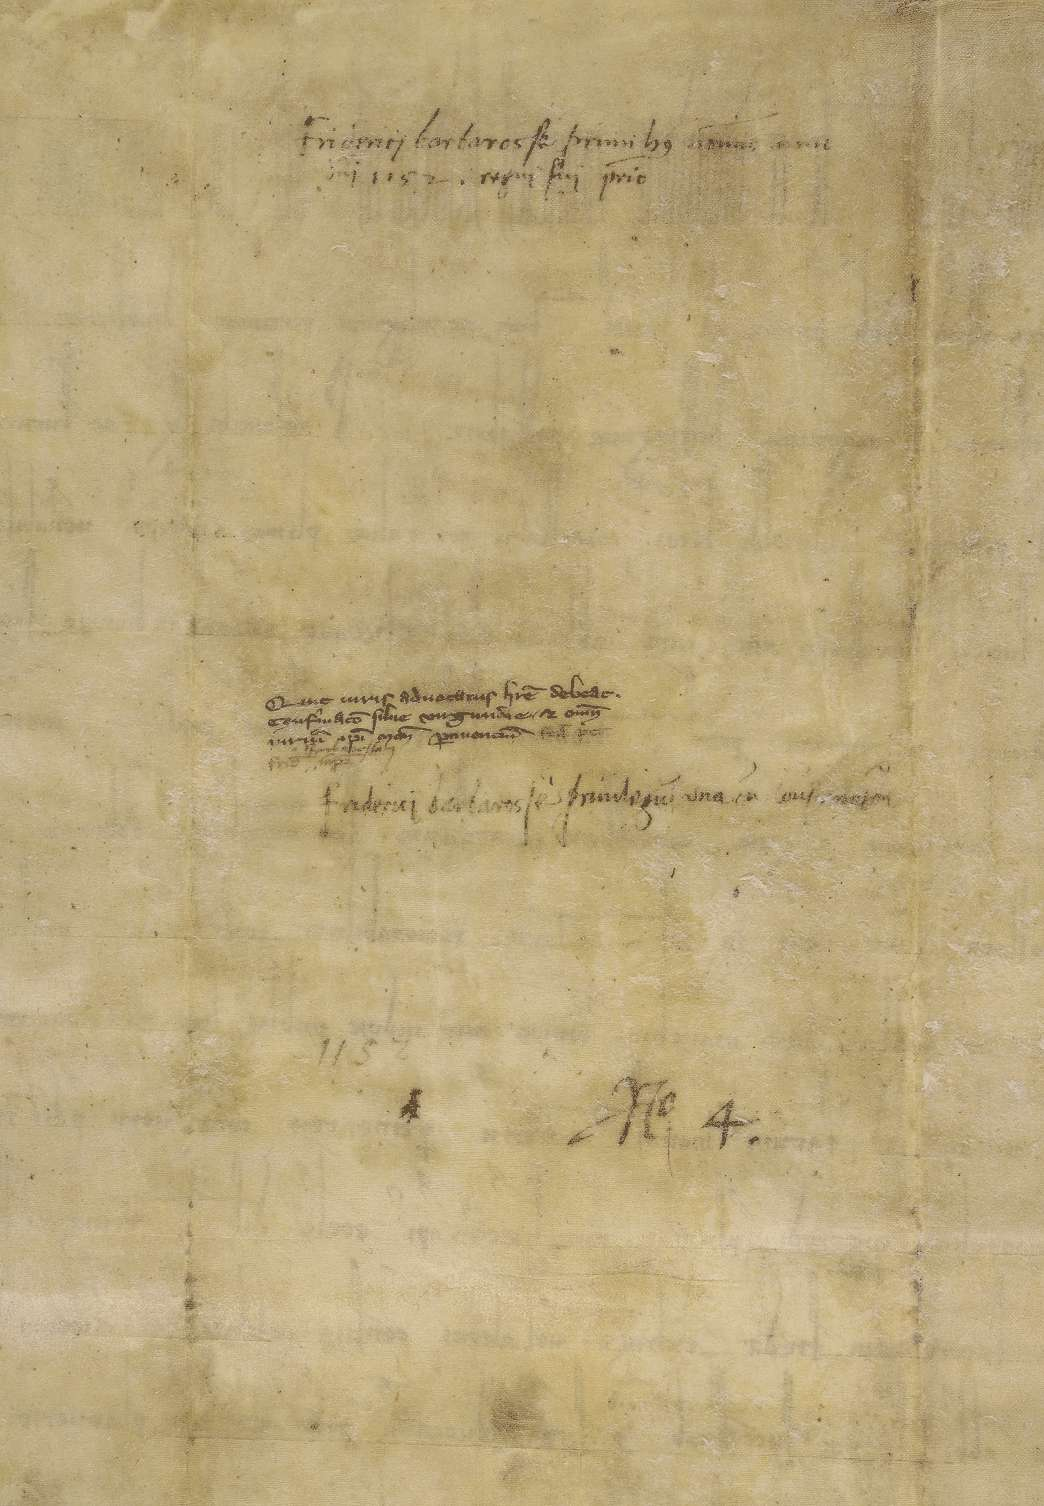 """König Friedrich I. nimmt die Abtei Ellwangen in seinen Schutz, bestätigt ihre Immunität und ihren Besitz, insbesondere des Waldes """"Virgunda"""" innerhalb genannter Grenzen., Bild 2"""